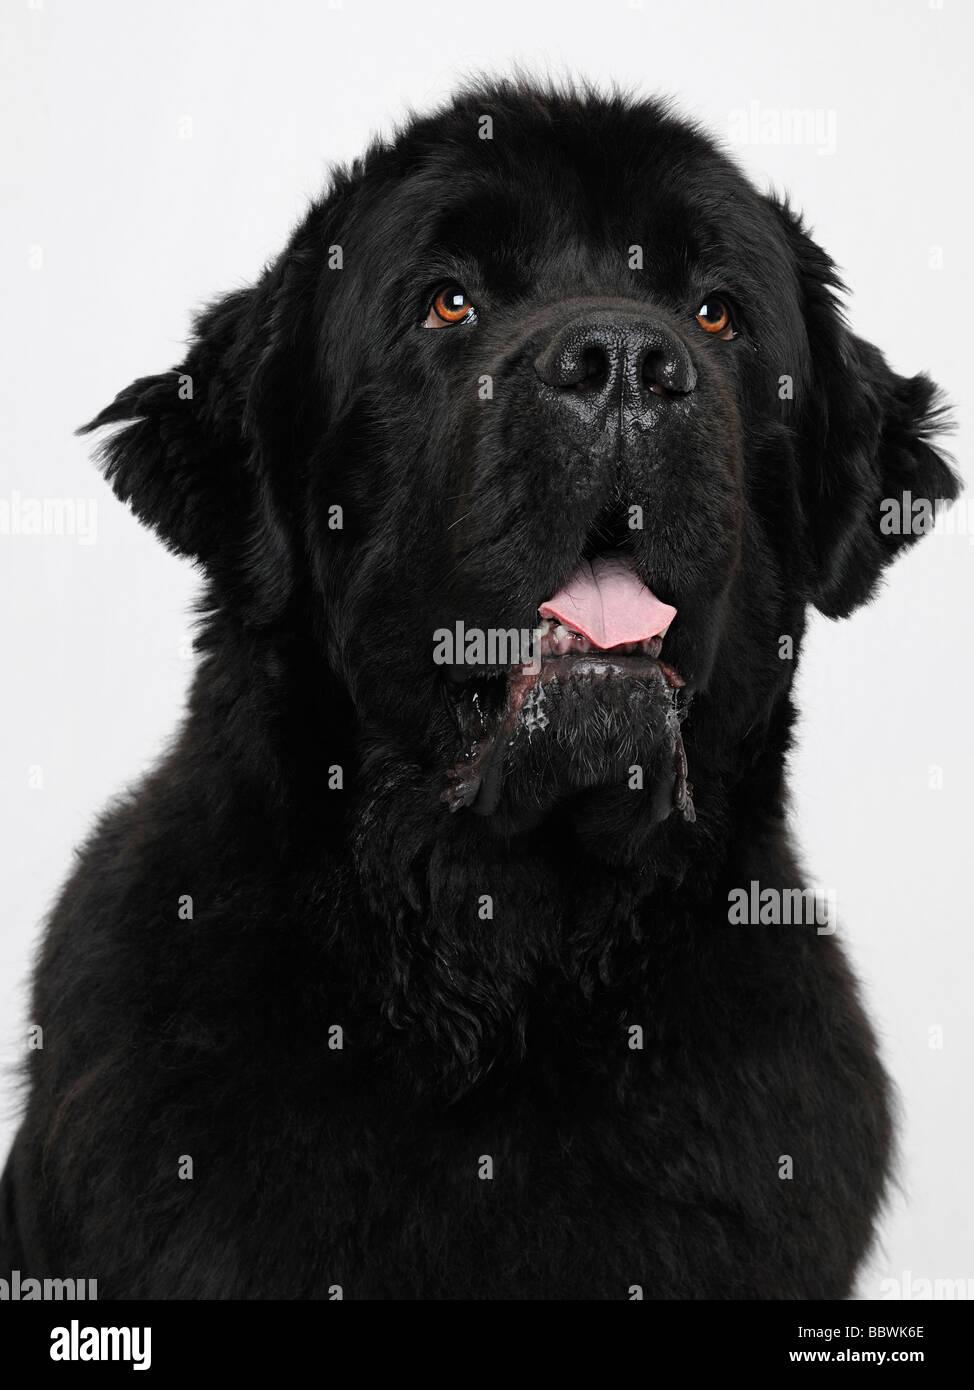 Newfoundland Dog Close Up - Stock Image